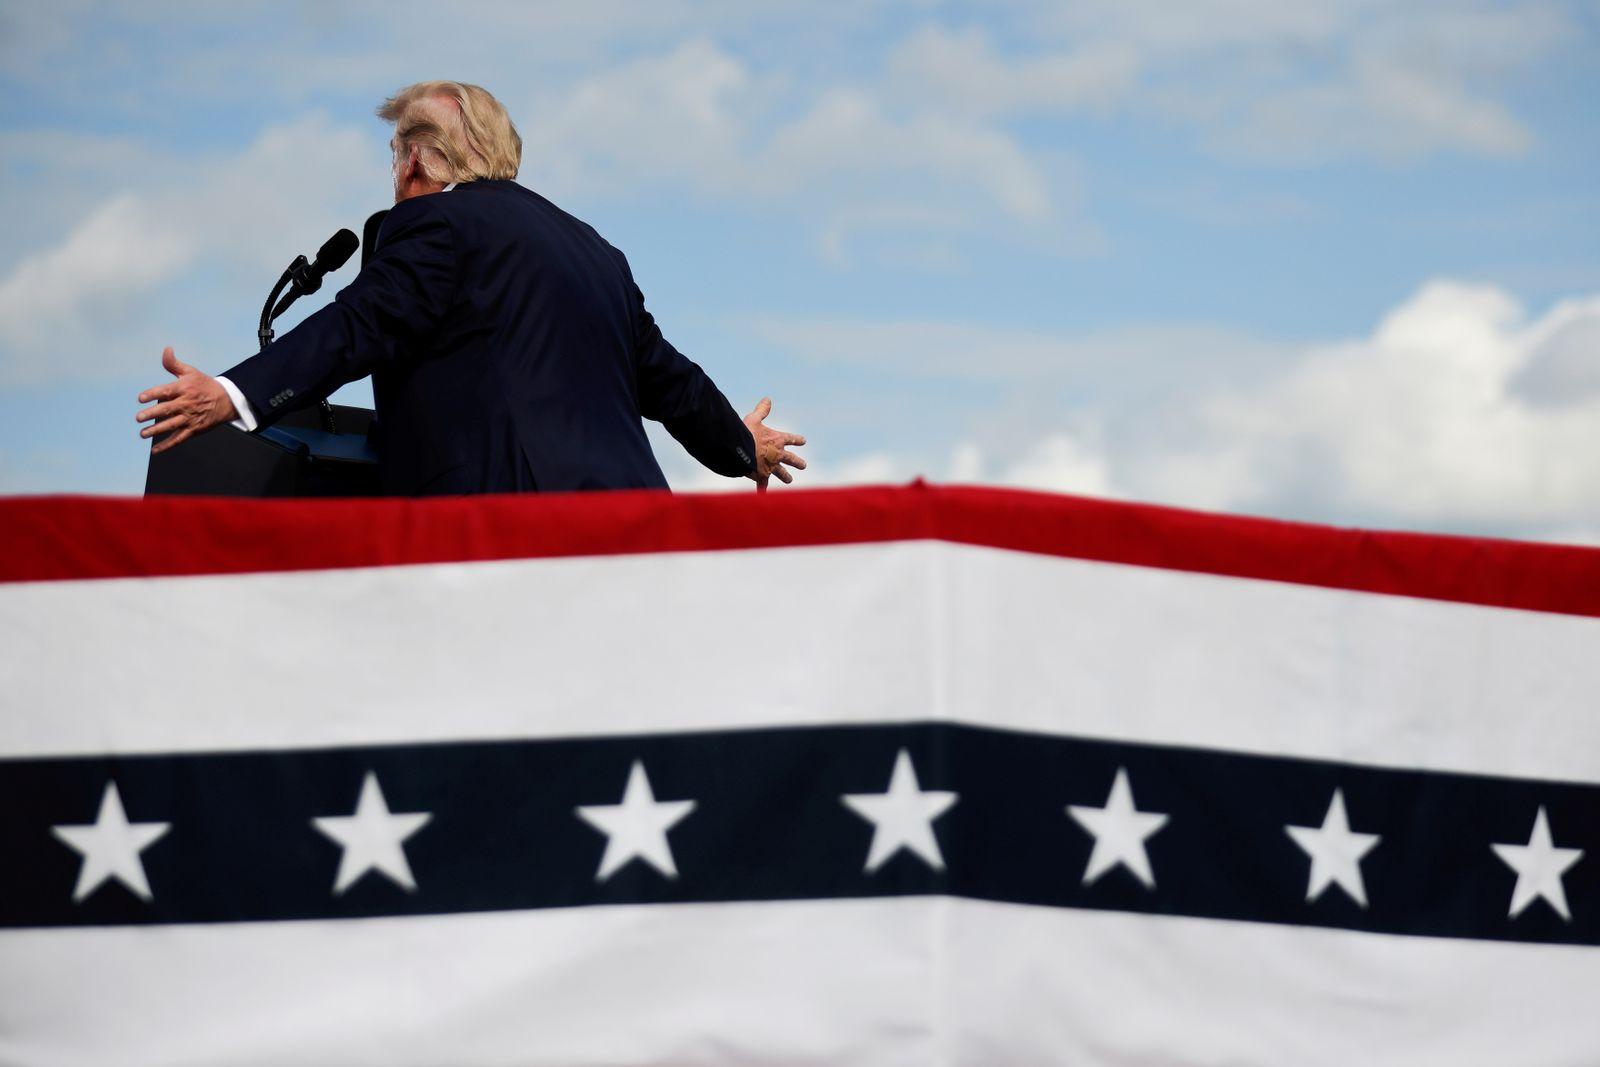 FILE PHOTO: U.S. President Donald Trump's campaign rally in Greenville, North Carolina